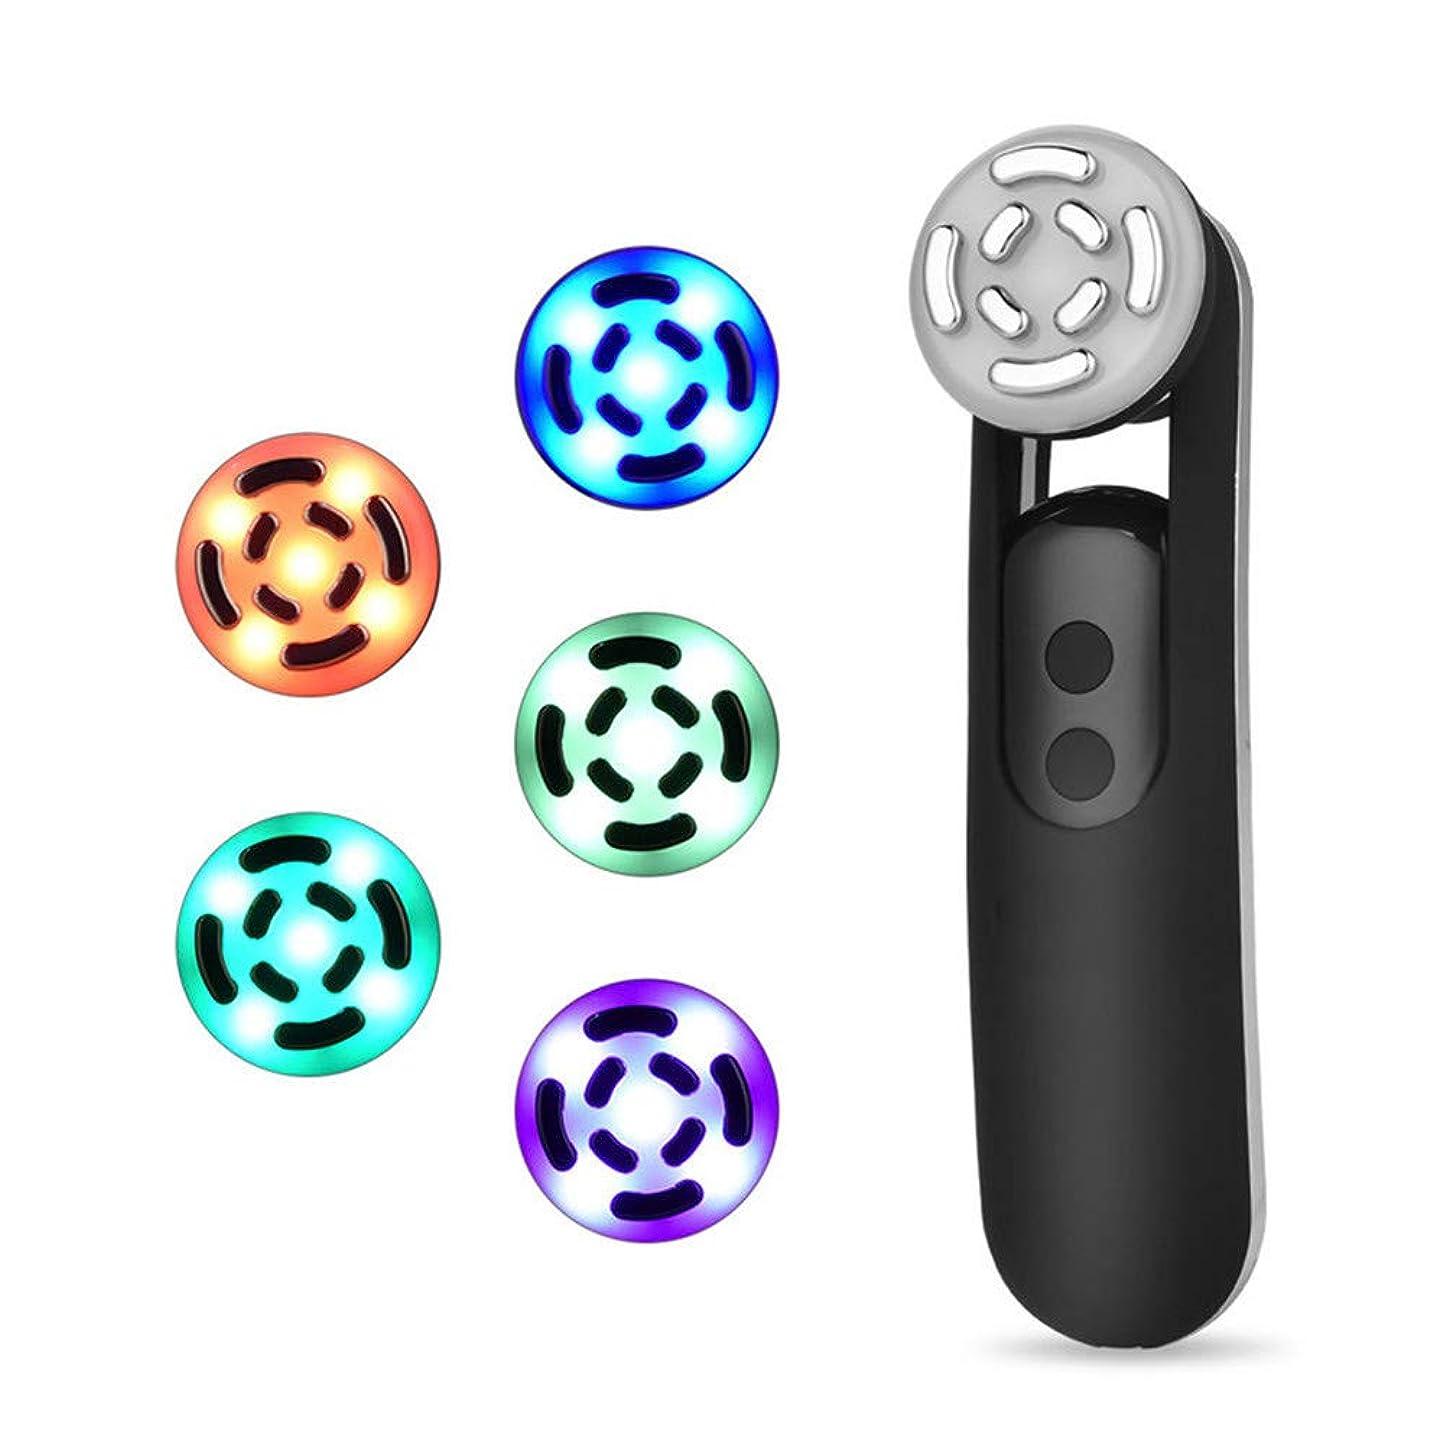 困ったヘッジケーブルフェイシャルマッサージイオンフェイシャルクレンジングアンチエイジングファーミングスキンマイクロショックテクノロジー5色LEDライト若返りしわ美容機器,Black